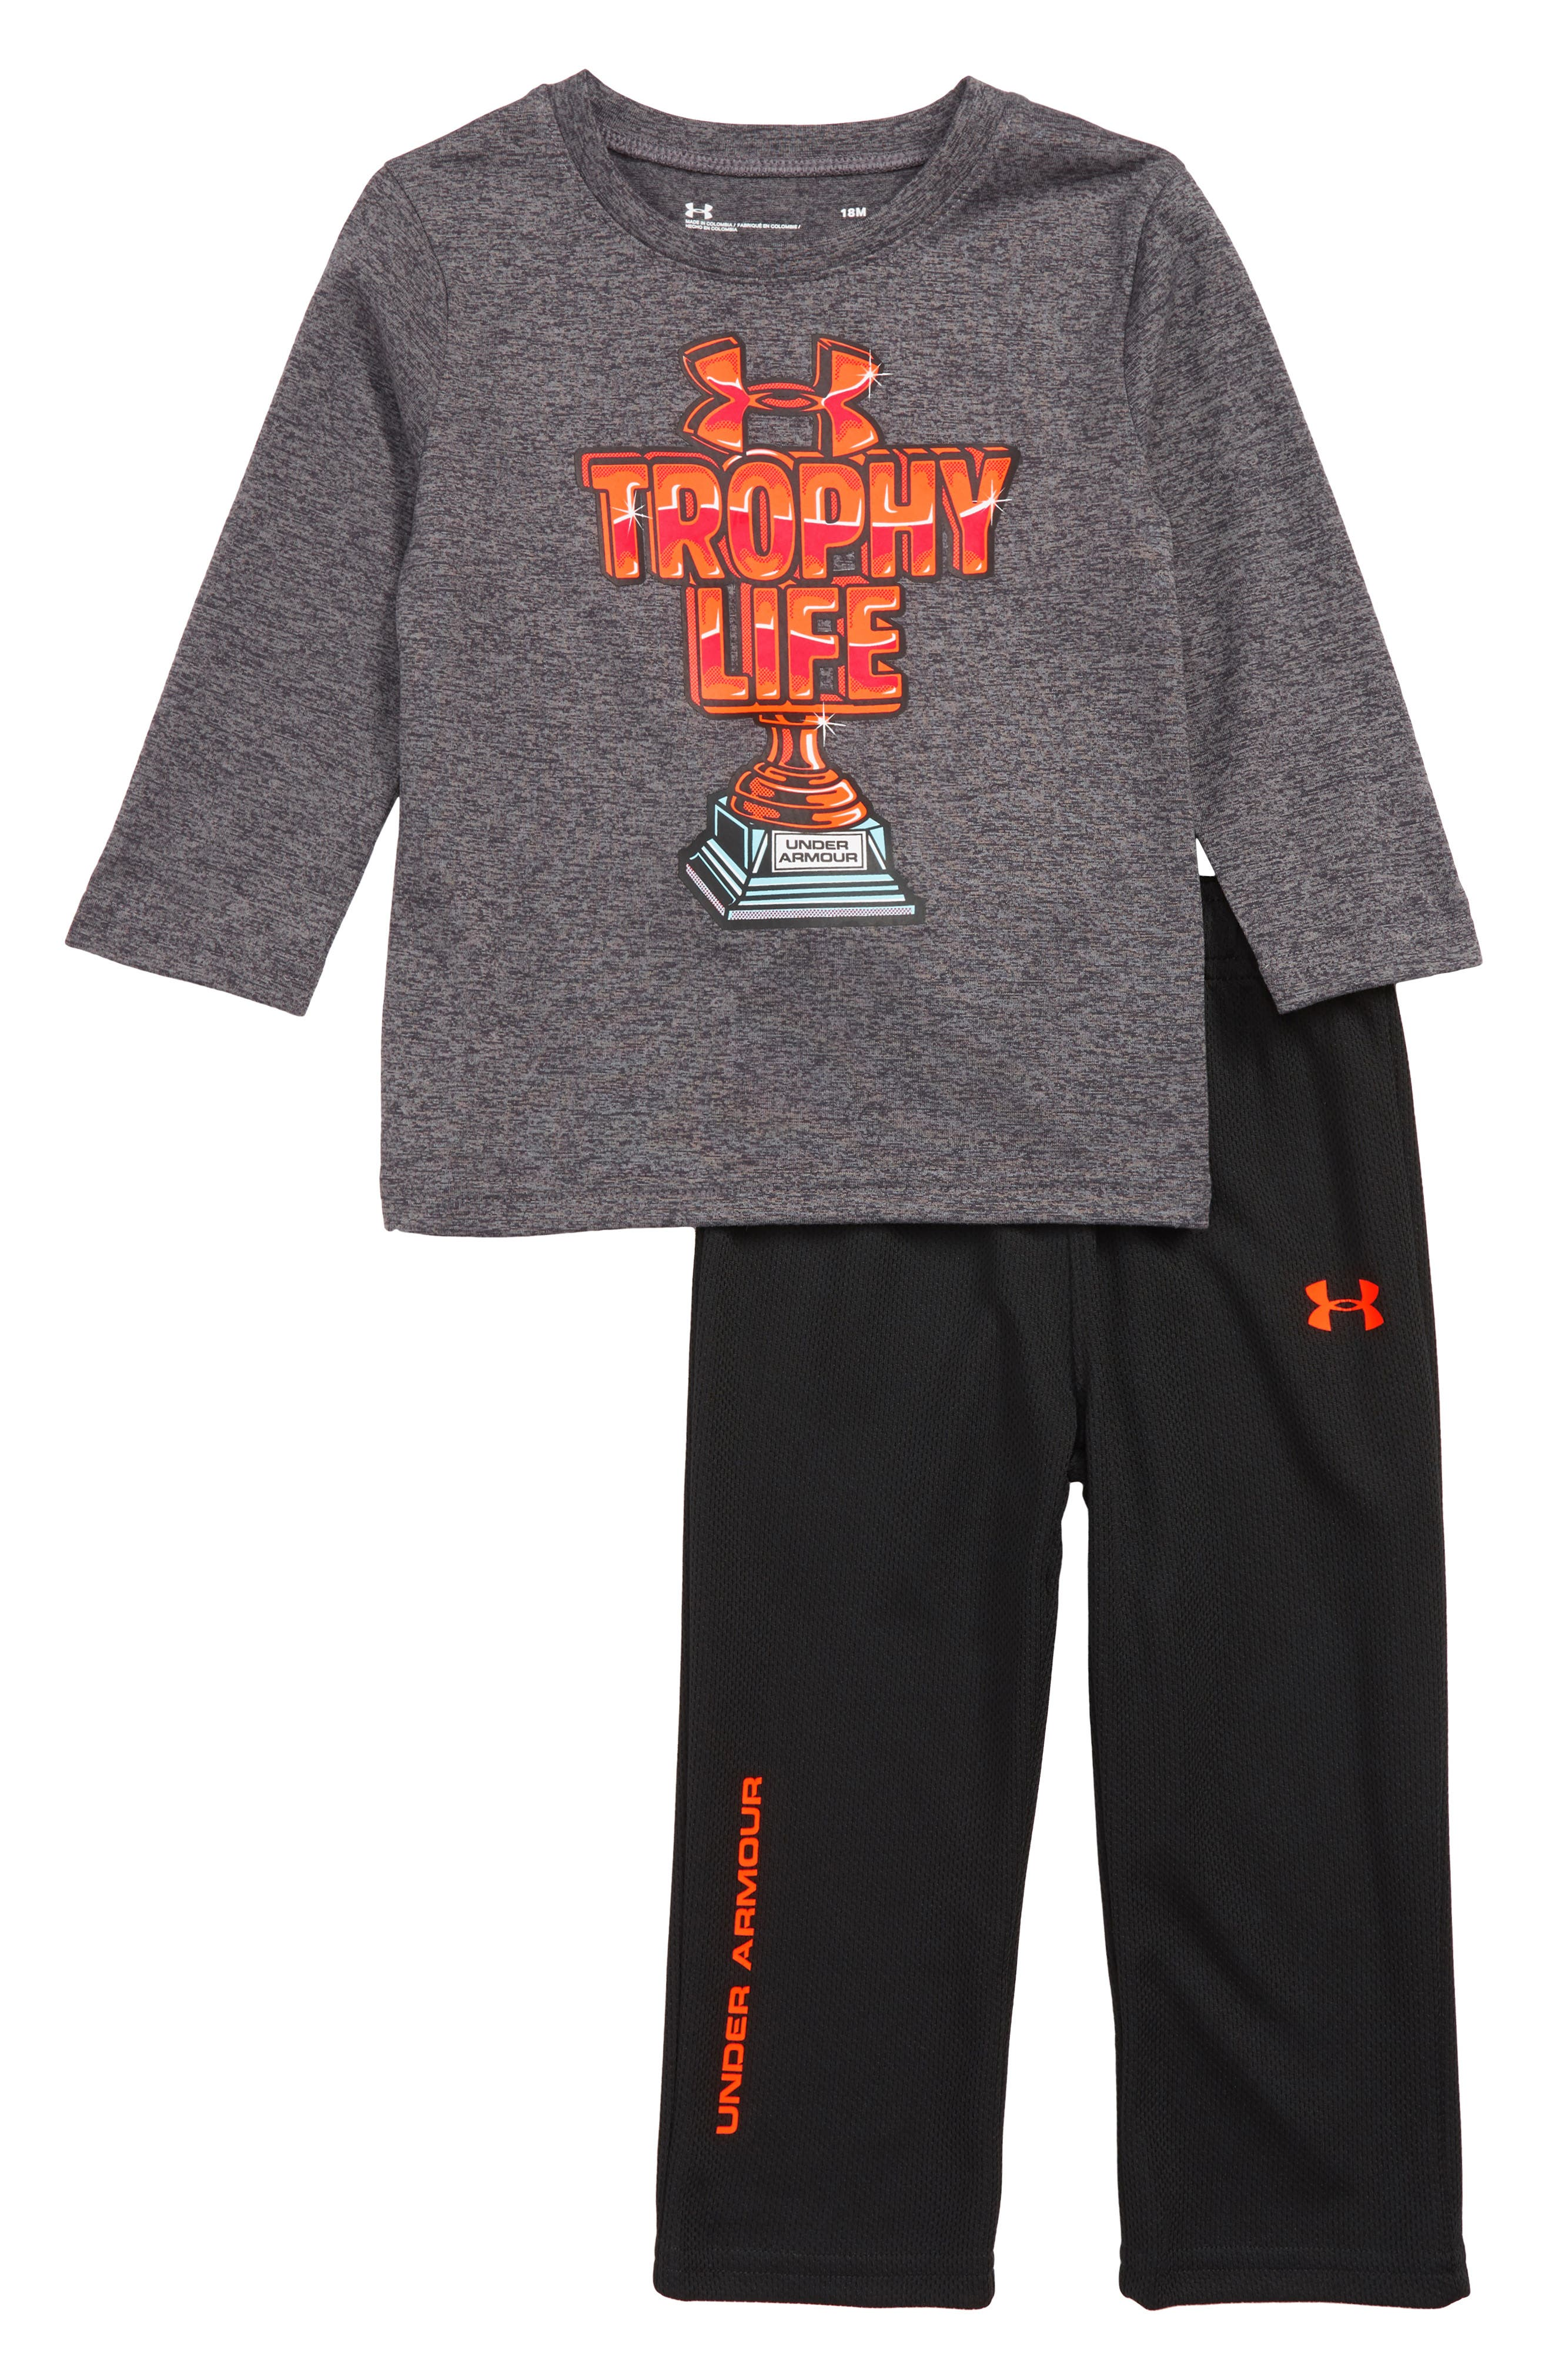 Trophy T-Shirt and Pants Set,                         Main,                         color, 023